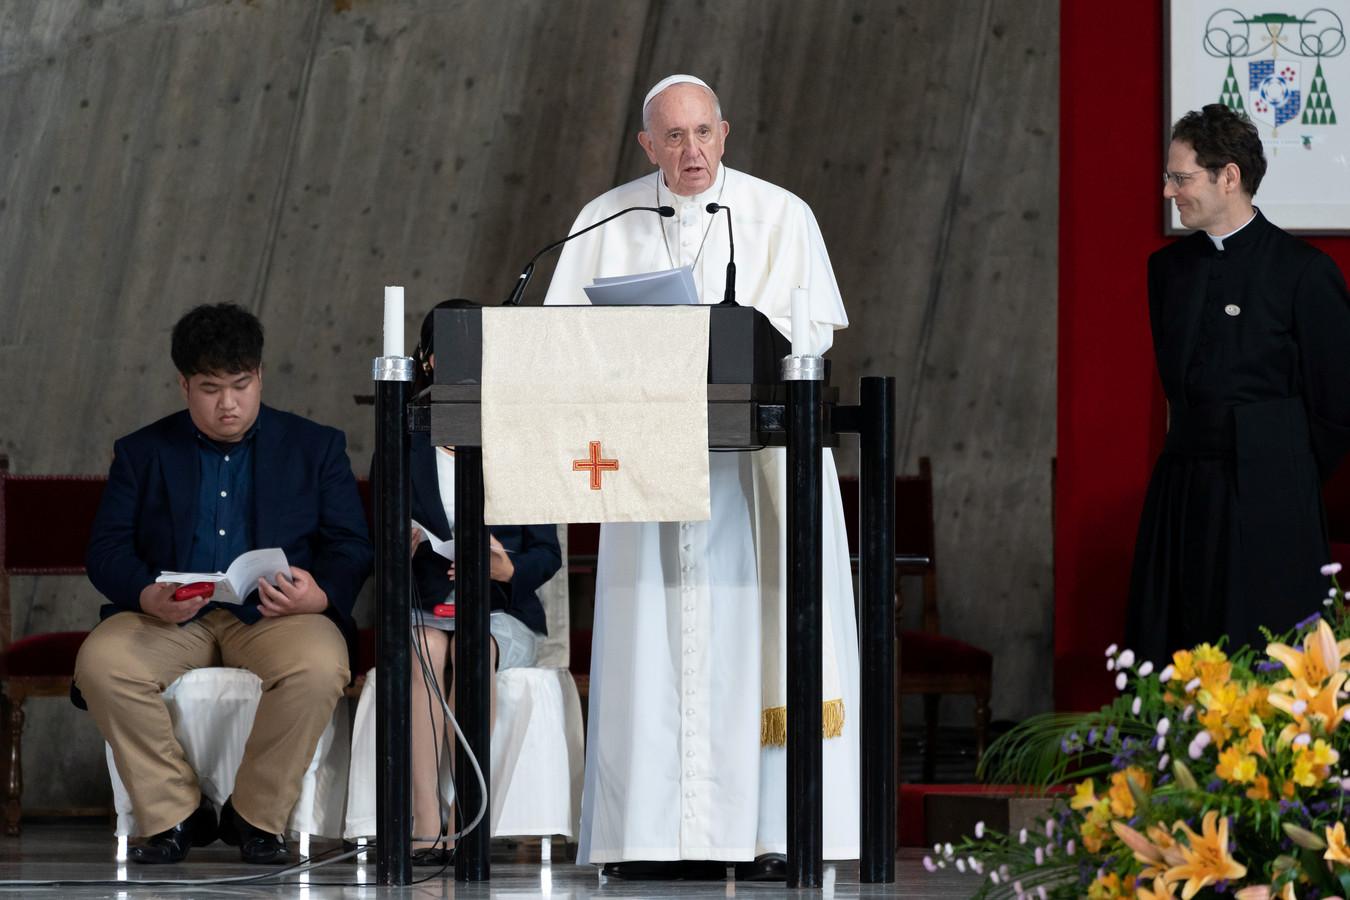 Paus Franciscus preekt in de Heilige Mariakathedraal in Tokio.